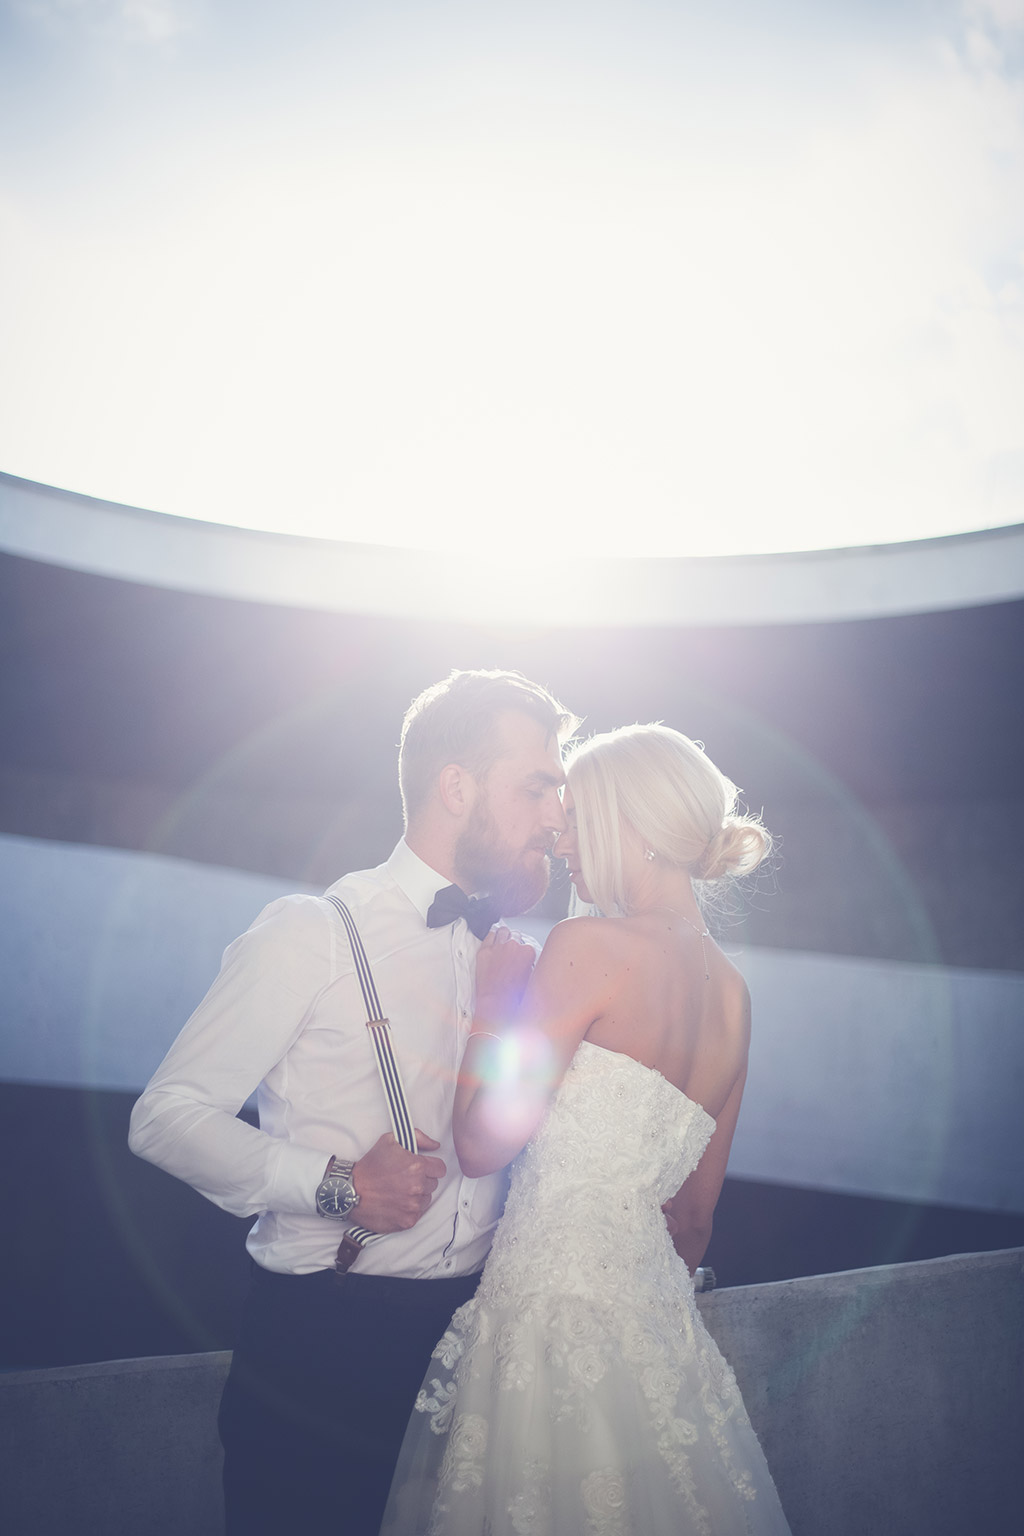 Hochzeitsfotos Ideen - Ein Brautpaar küsst sich im Parkhaus